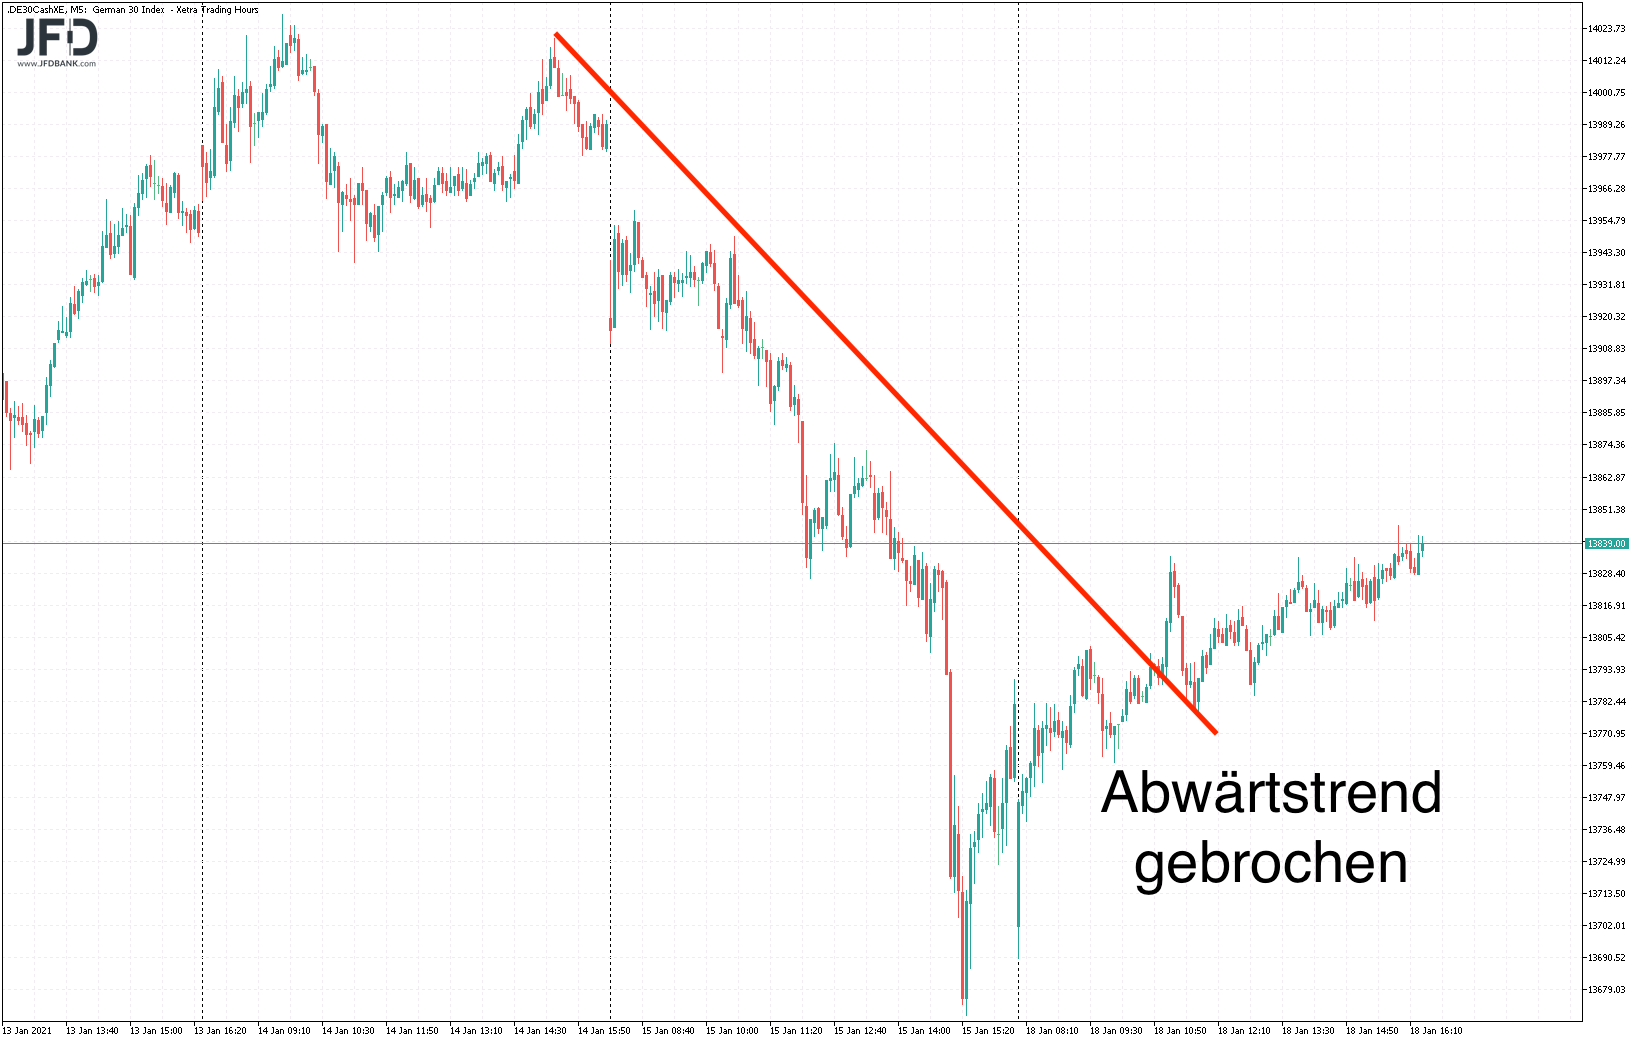 Blickt-der-DAX-heute-wieder-auf-die-14-000-Kommentar-JFD-Bank-GodmodeTrader.de-2